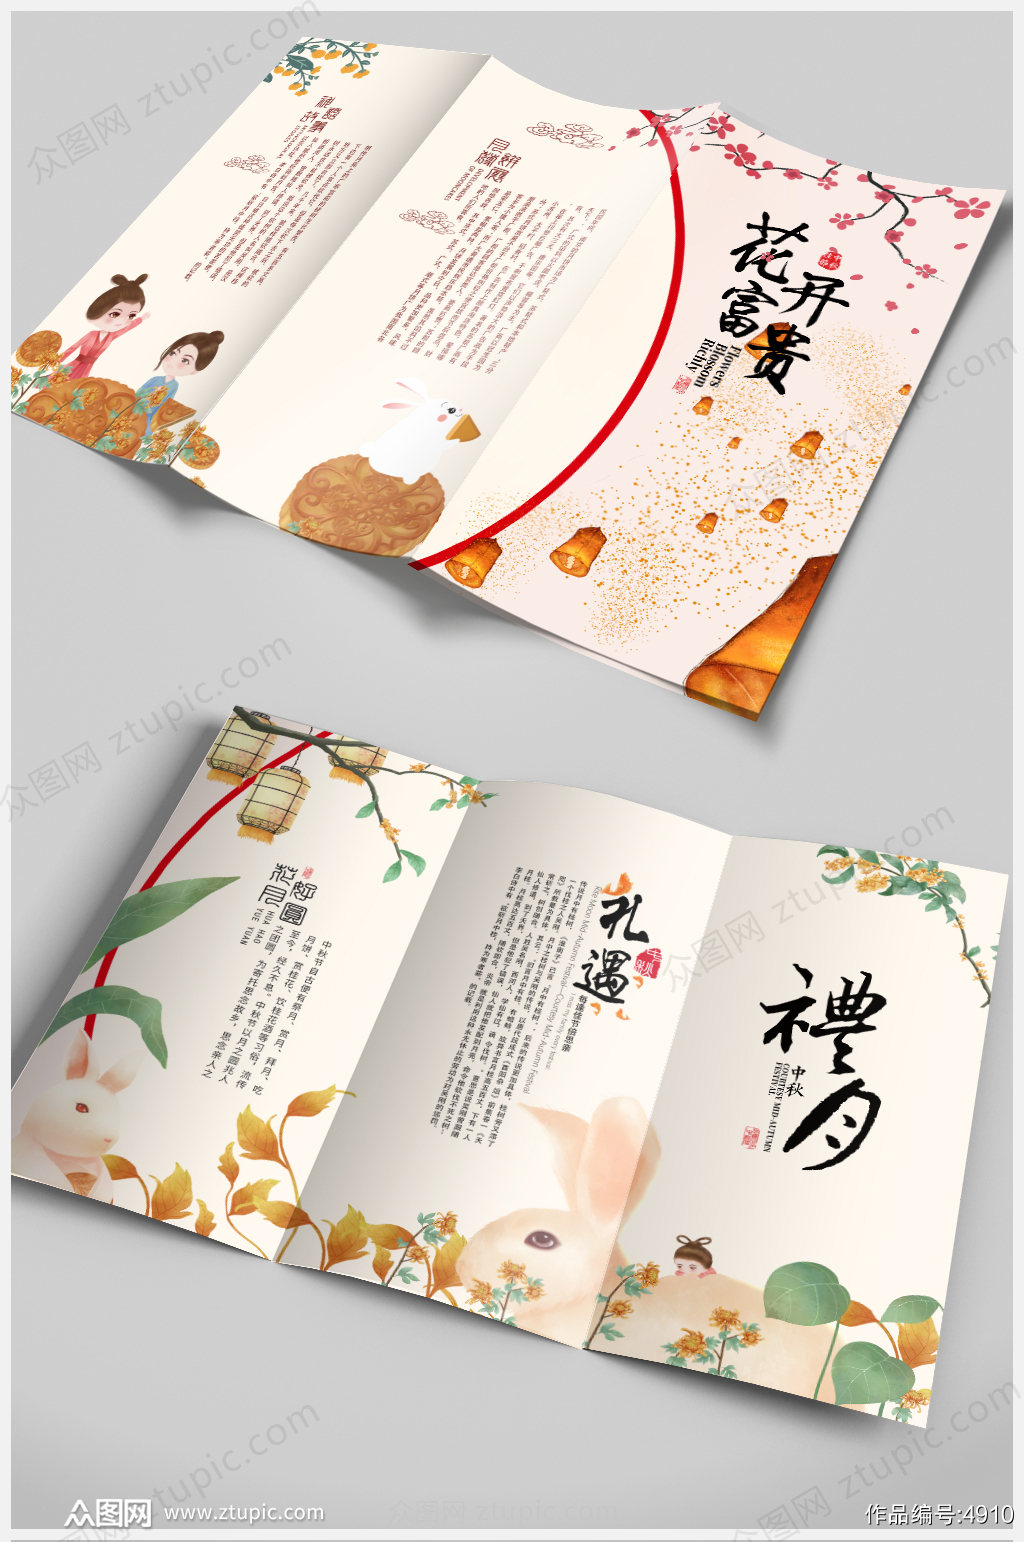 中秋月饼折页设计素材